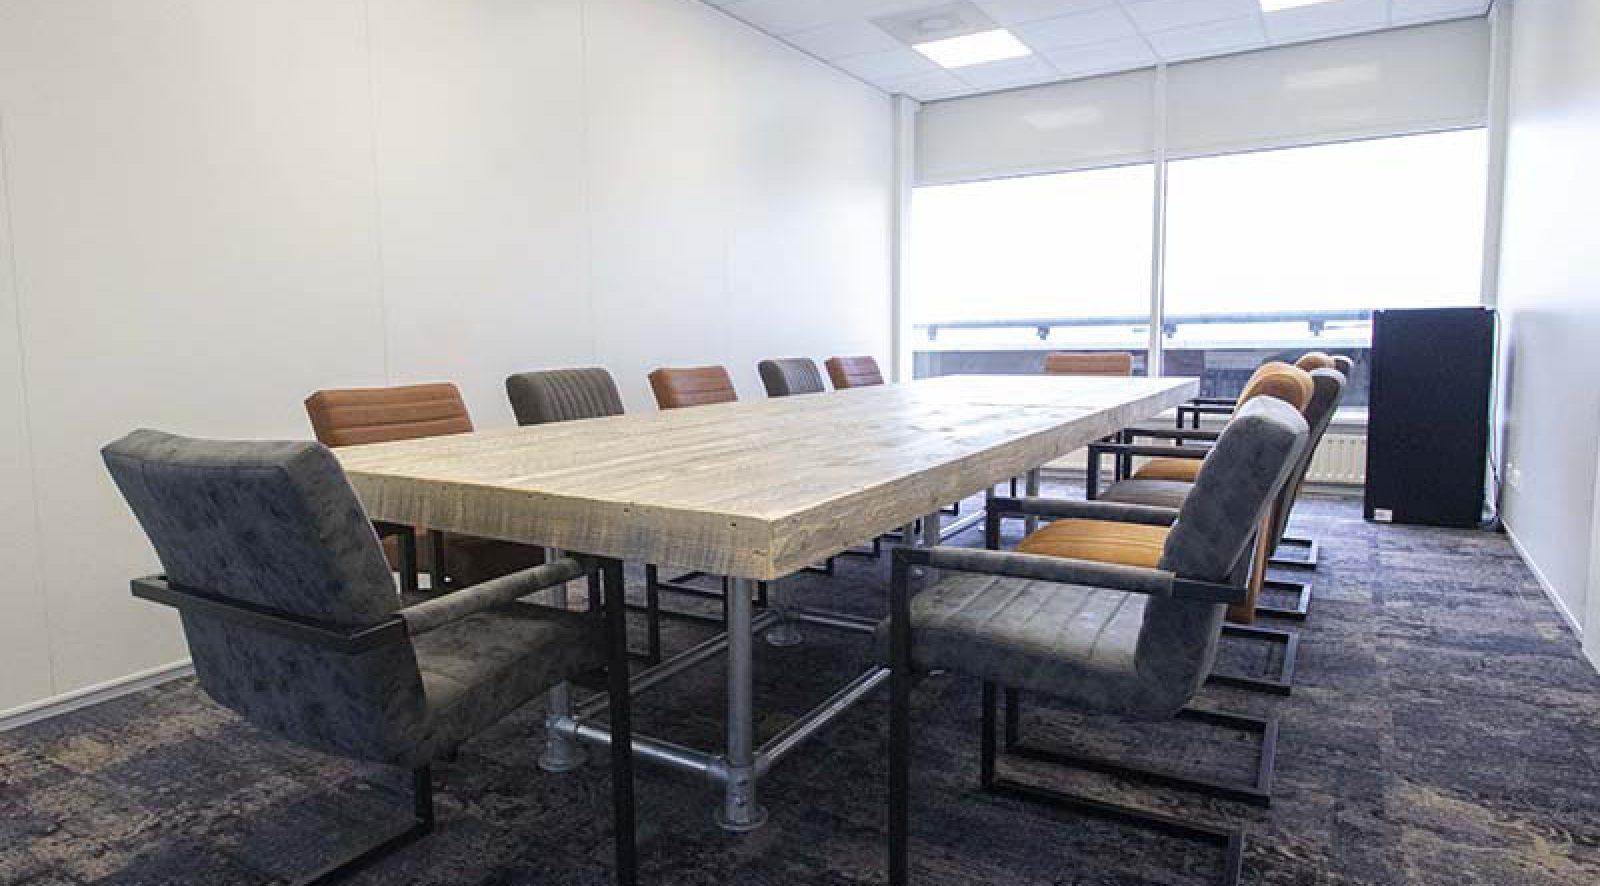 vergader-ruimte-zoetermeer-amsterdamzaal